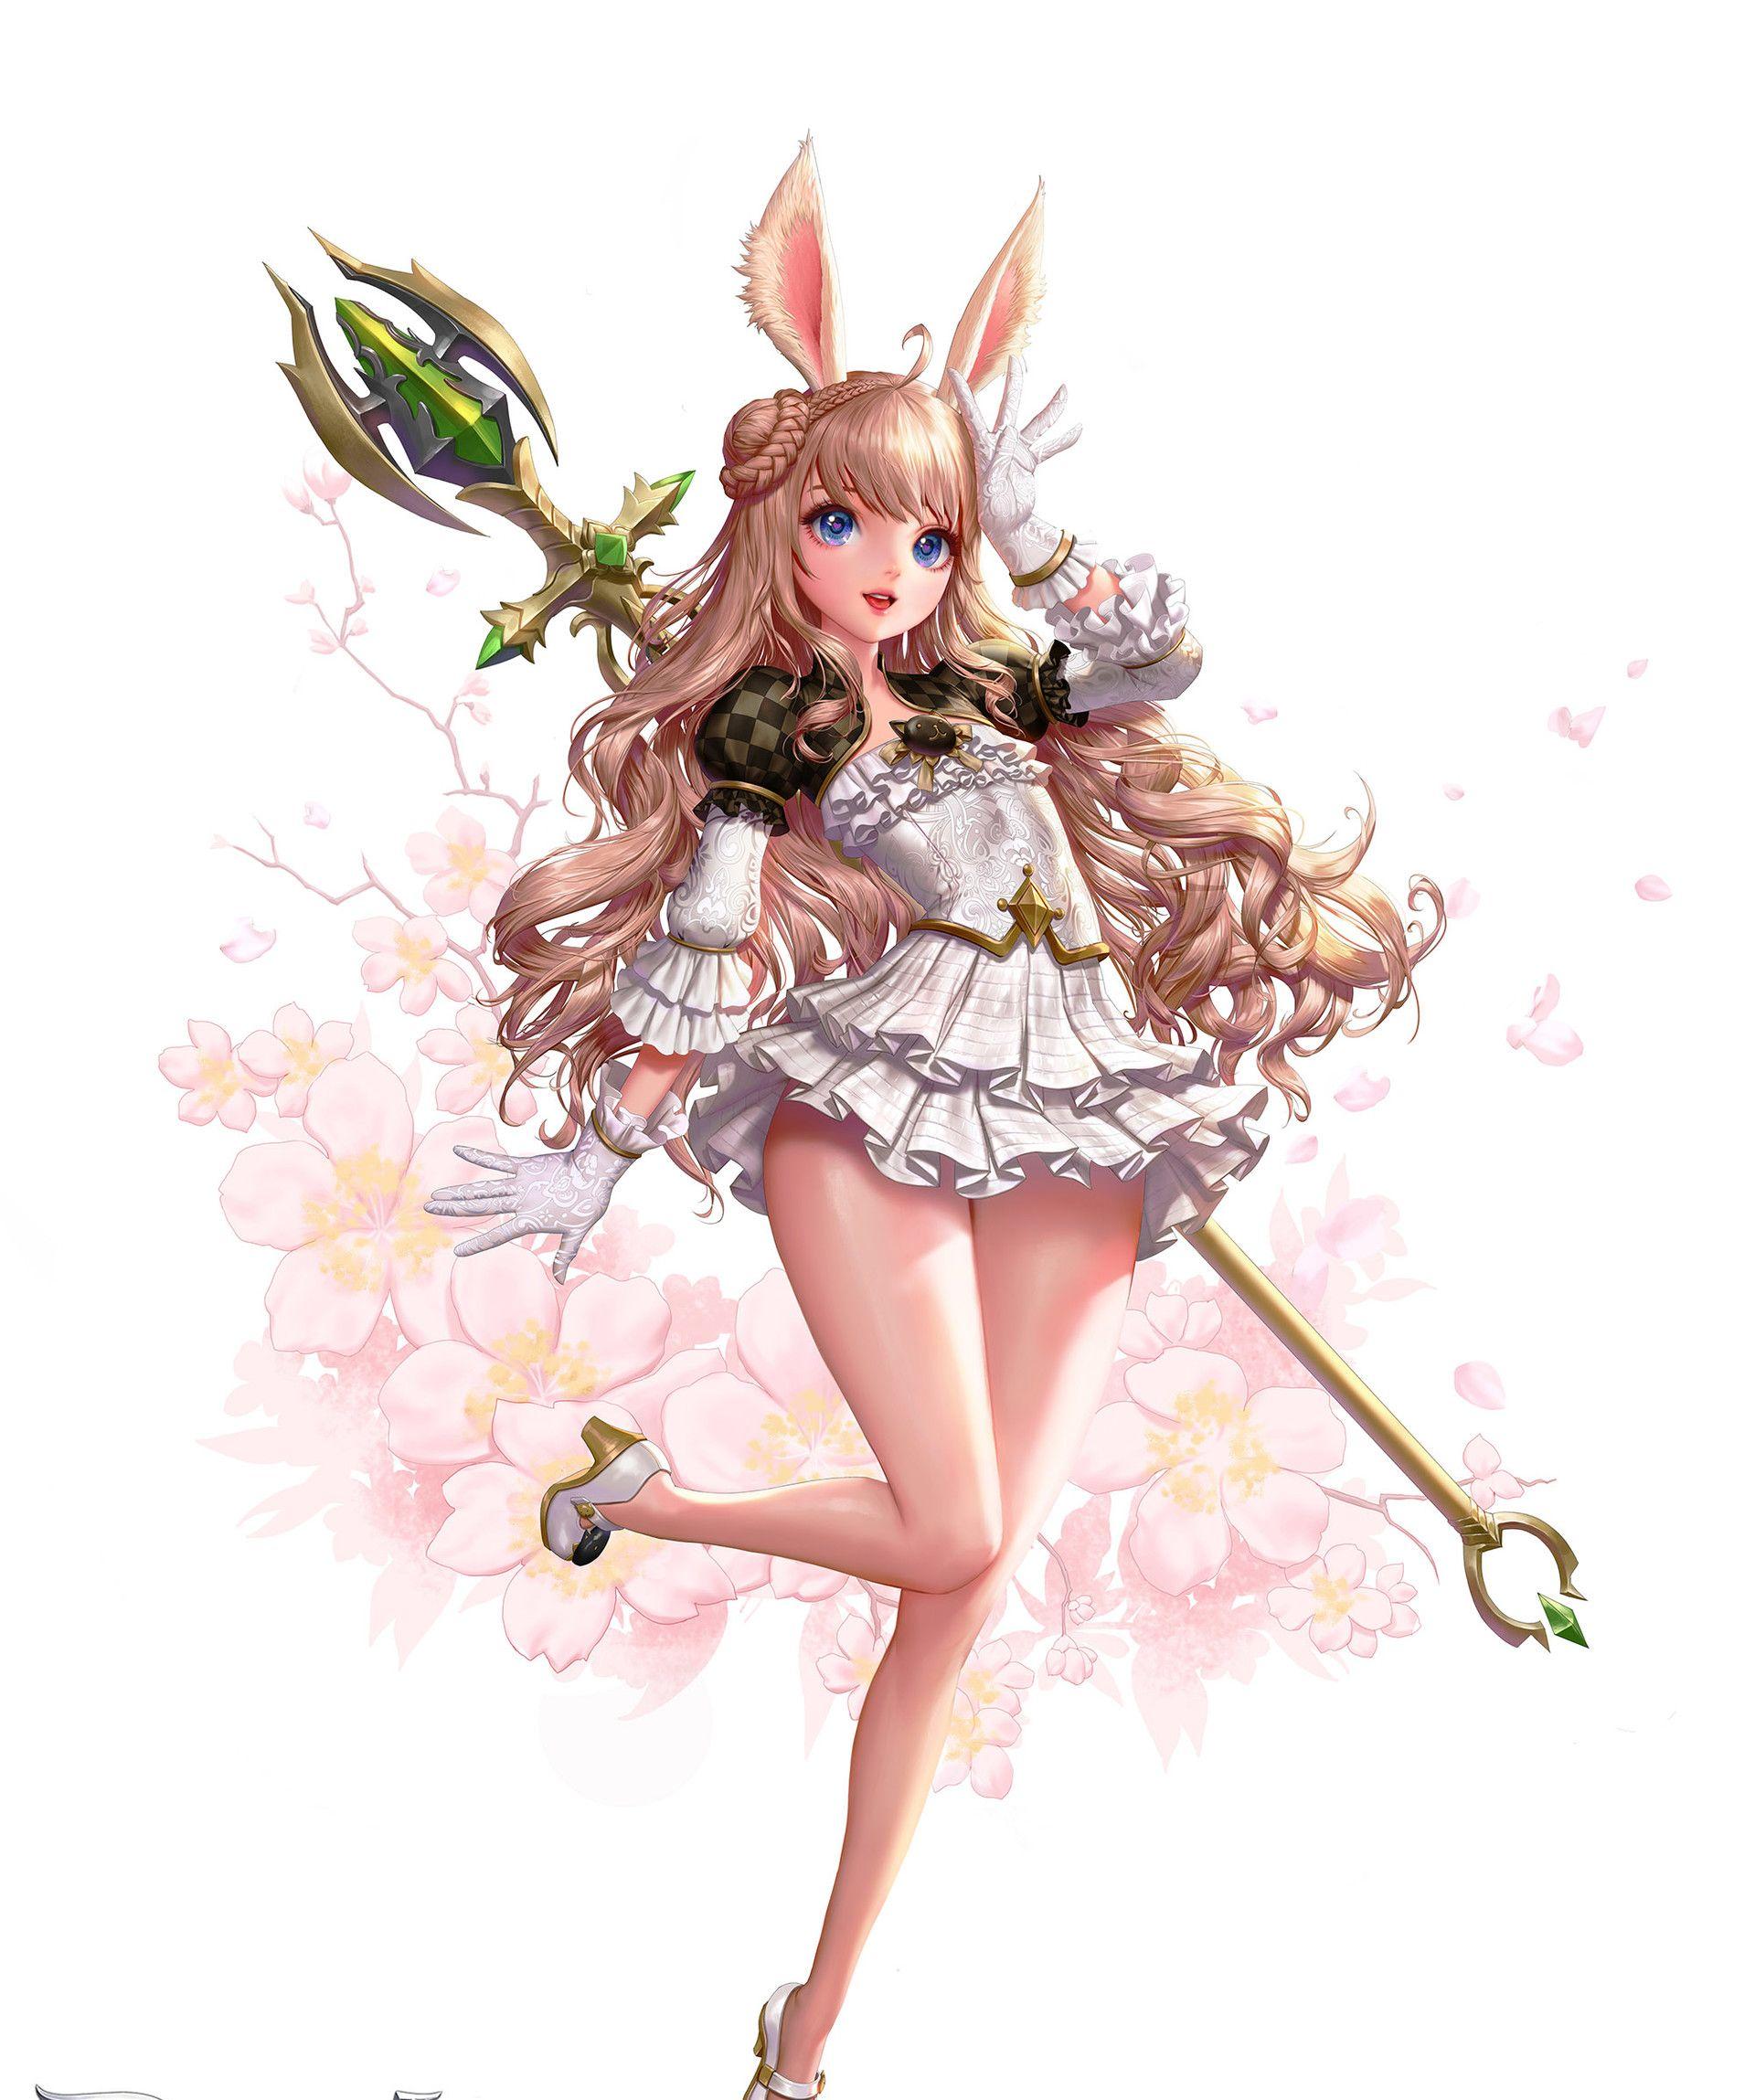 韩国插画师的一组美型人物设定作品!角色真的是个个高颜值好身材